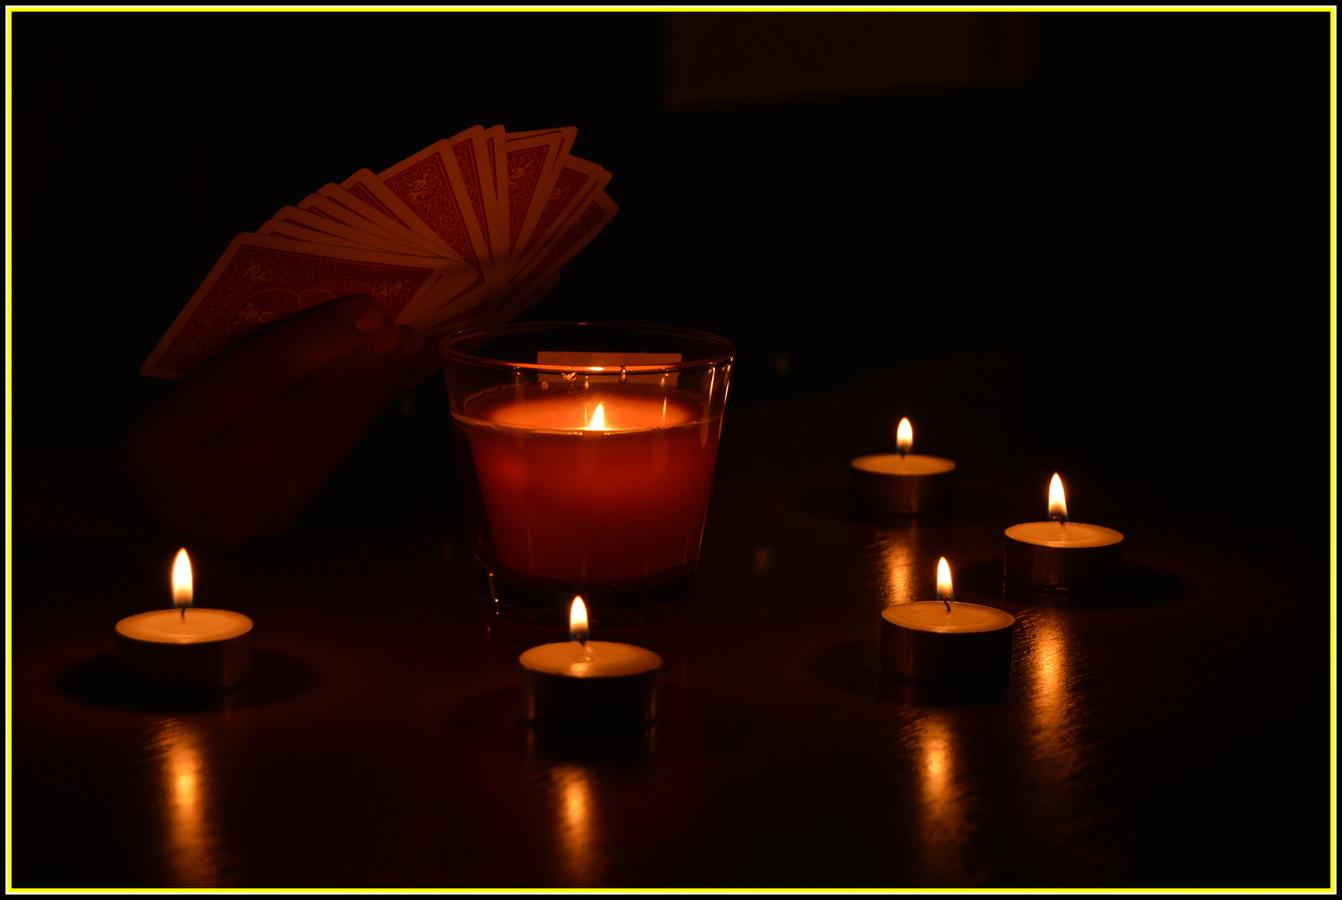 karty při svíčkách